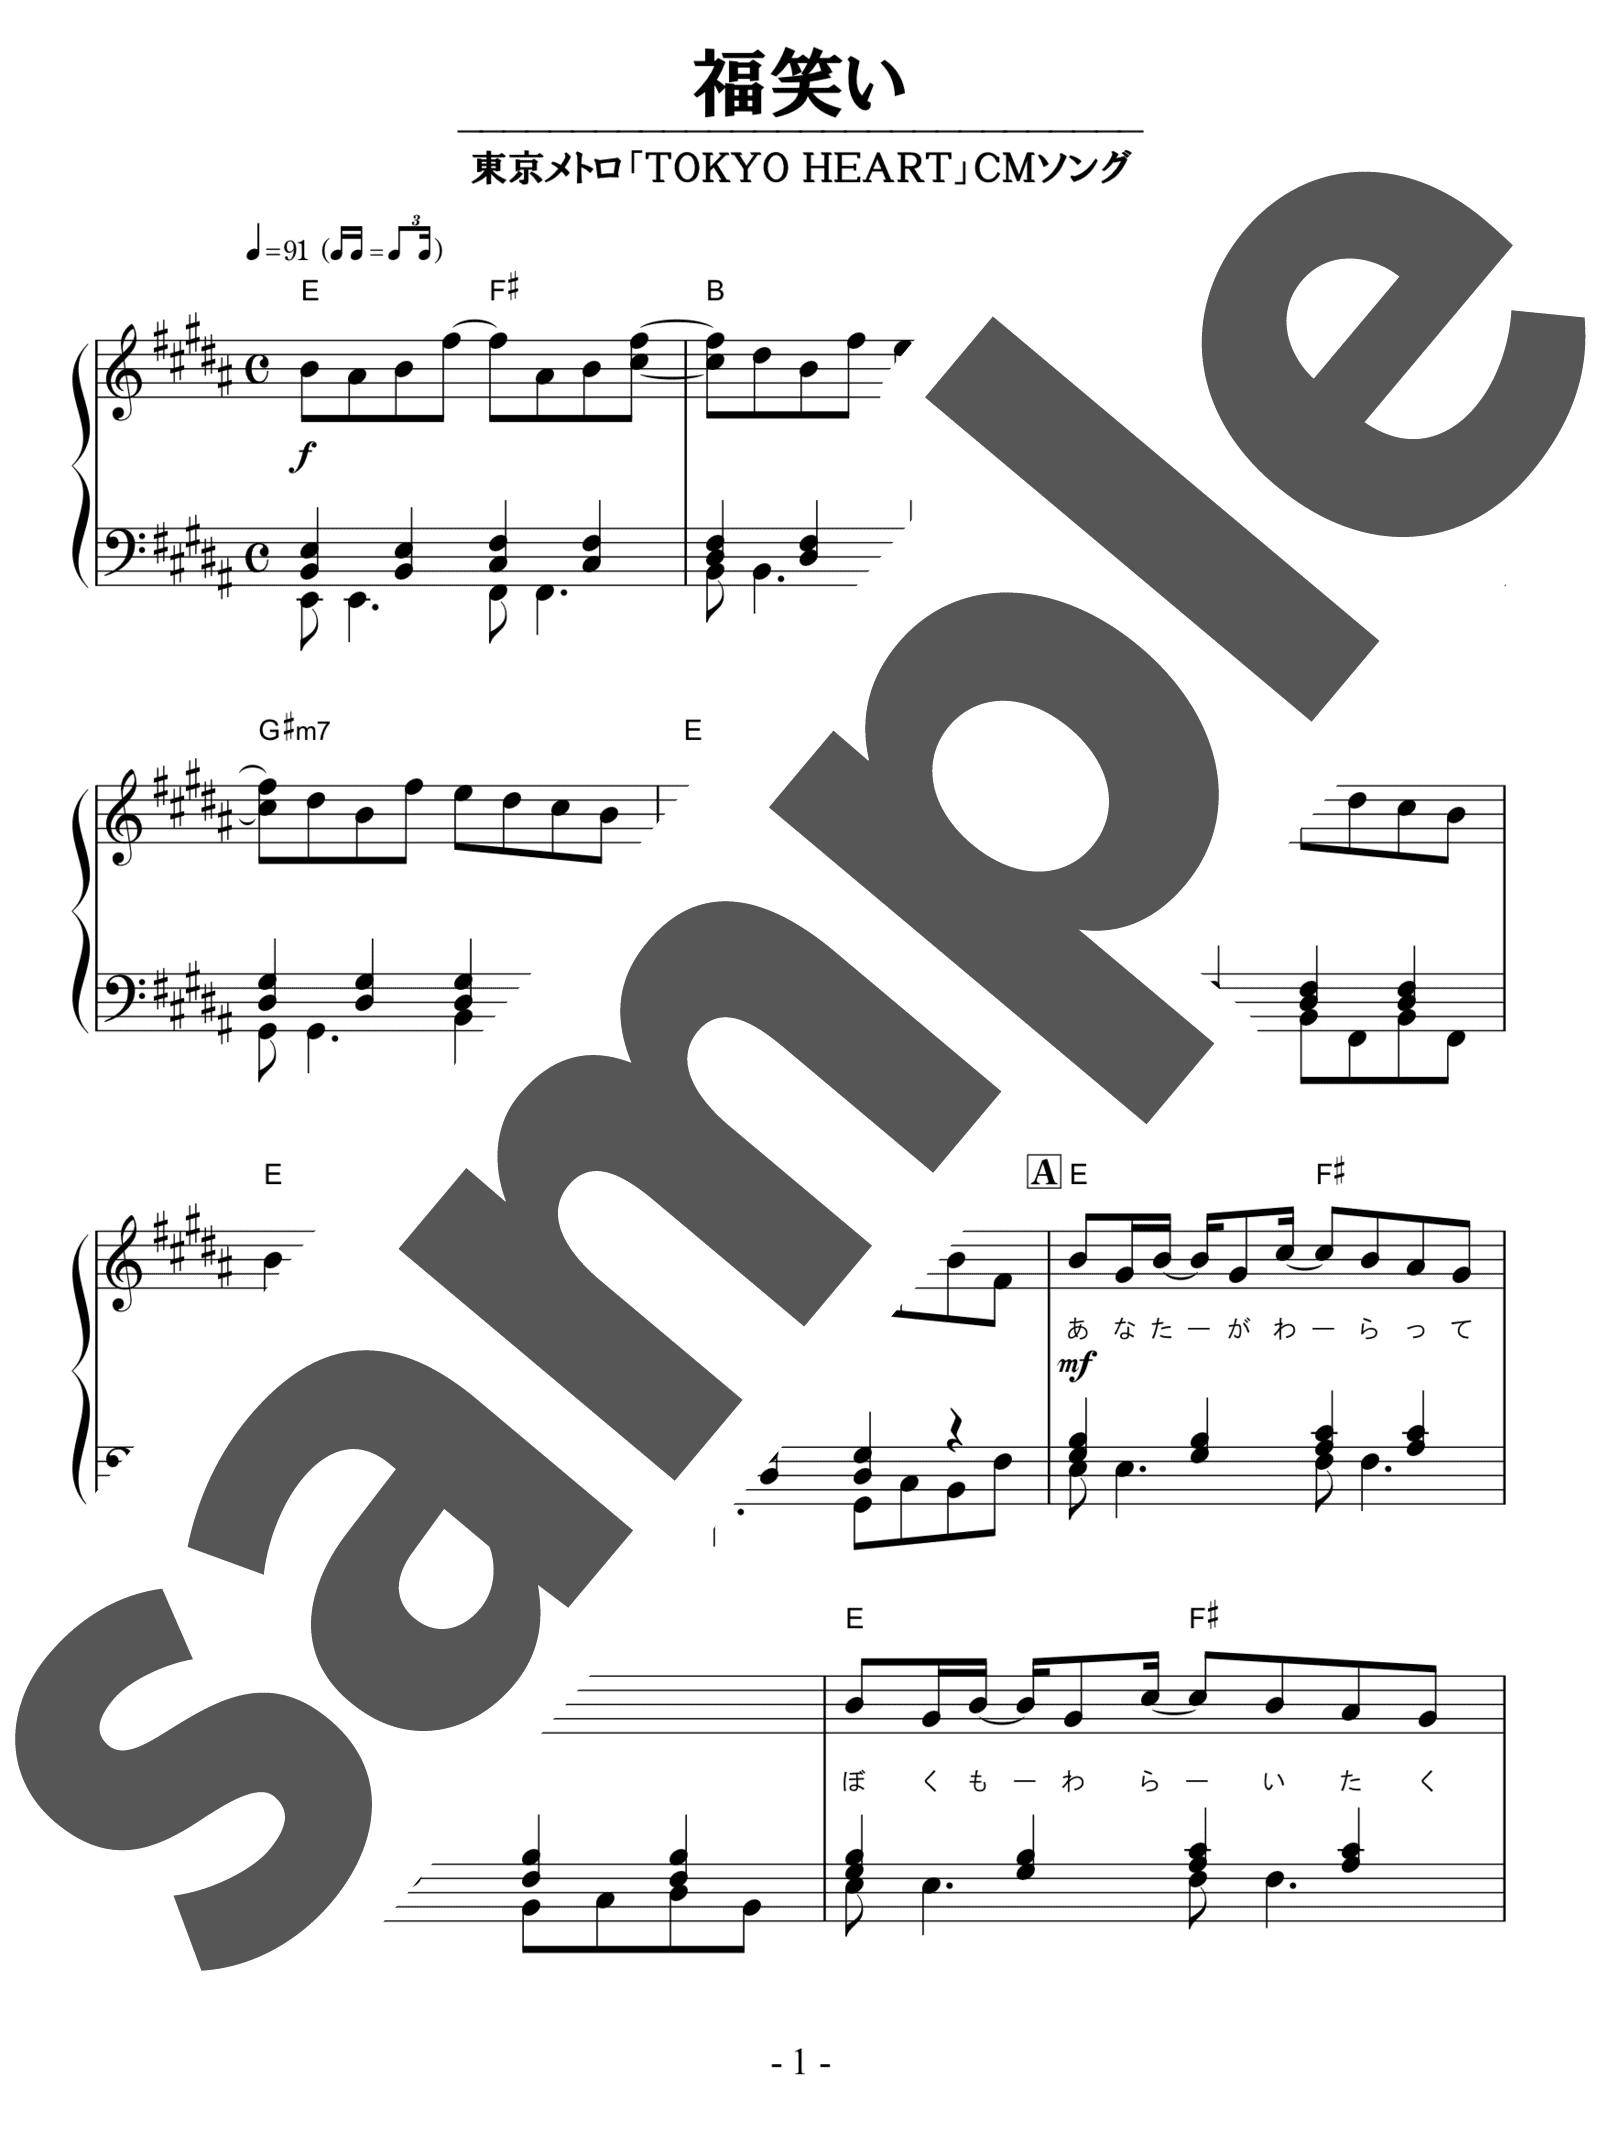 「福笑い」のサンプル楽譜